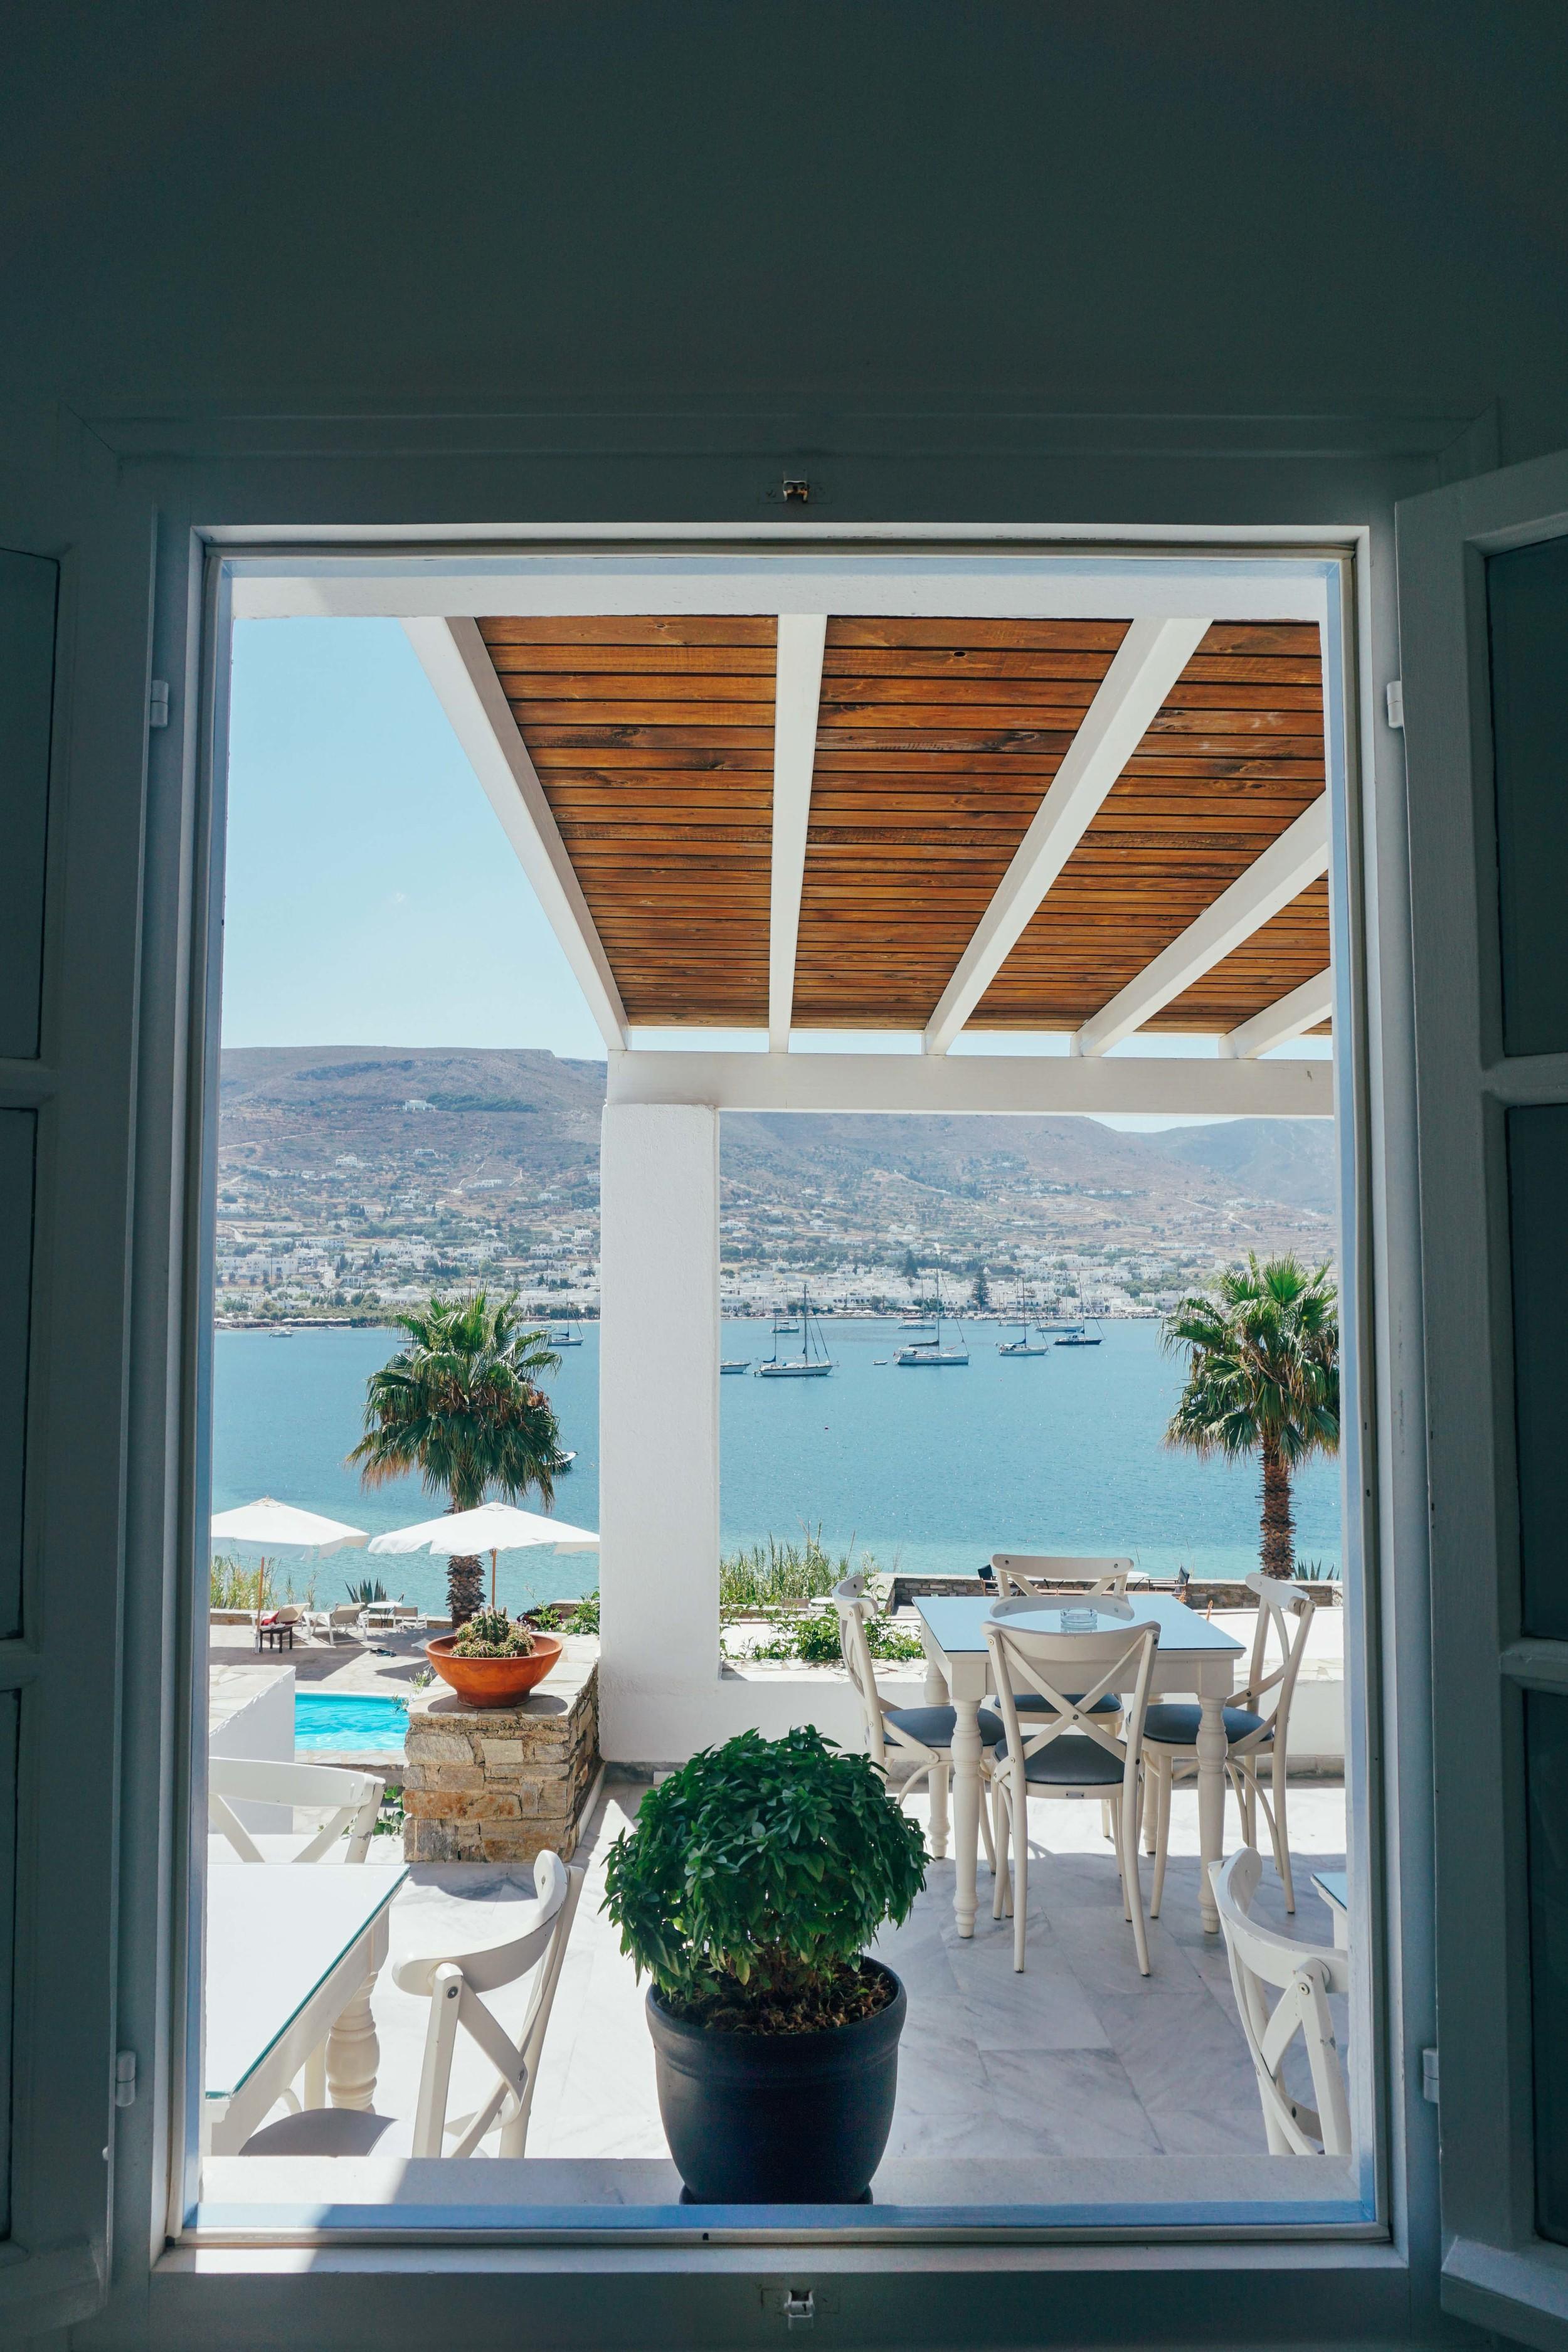 The Parian Village in Paros, Greece